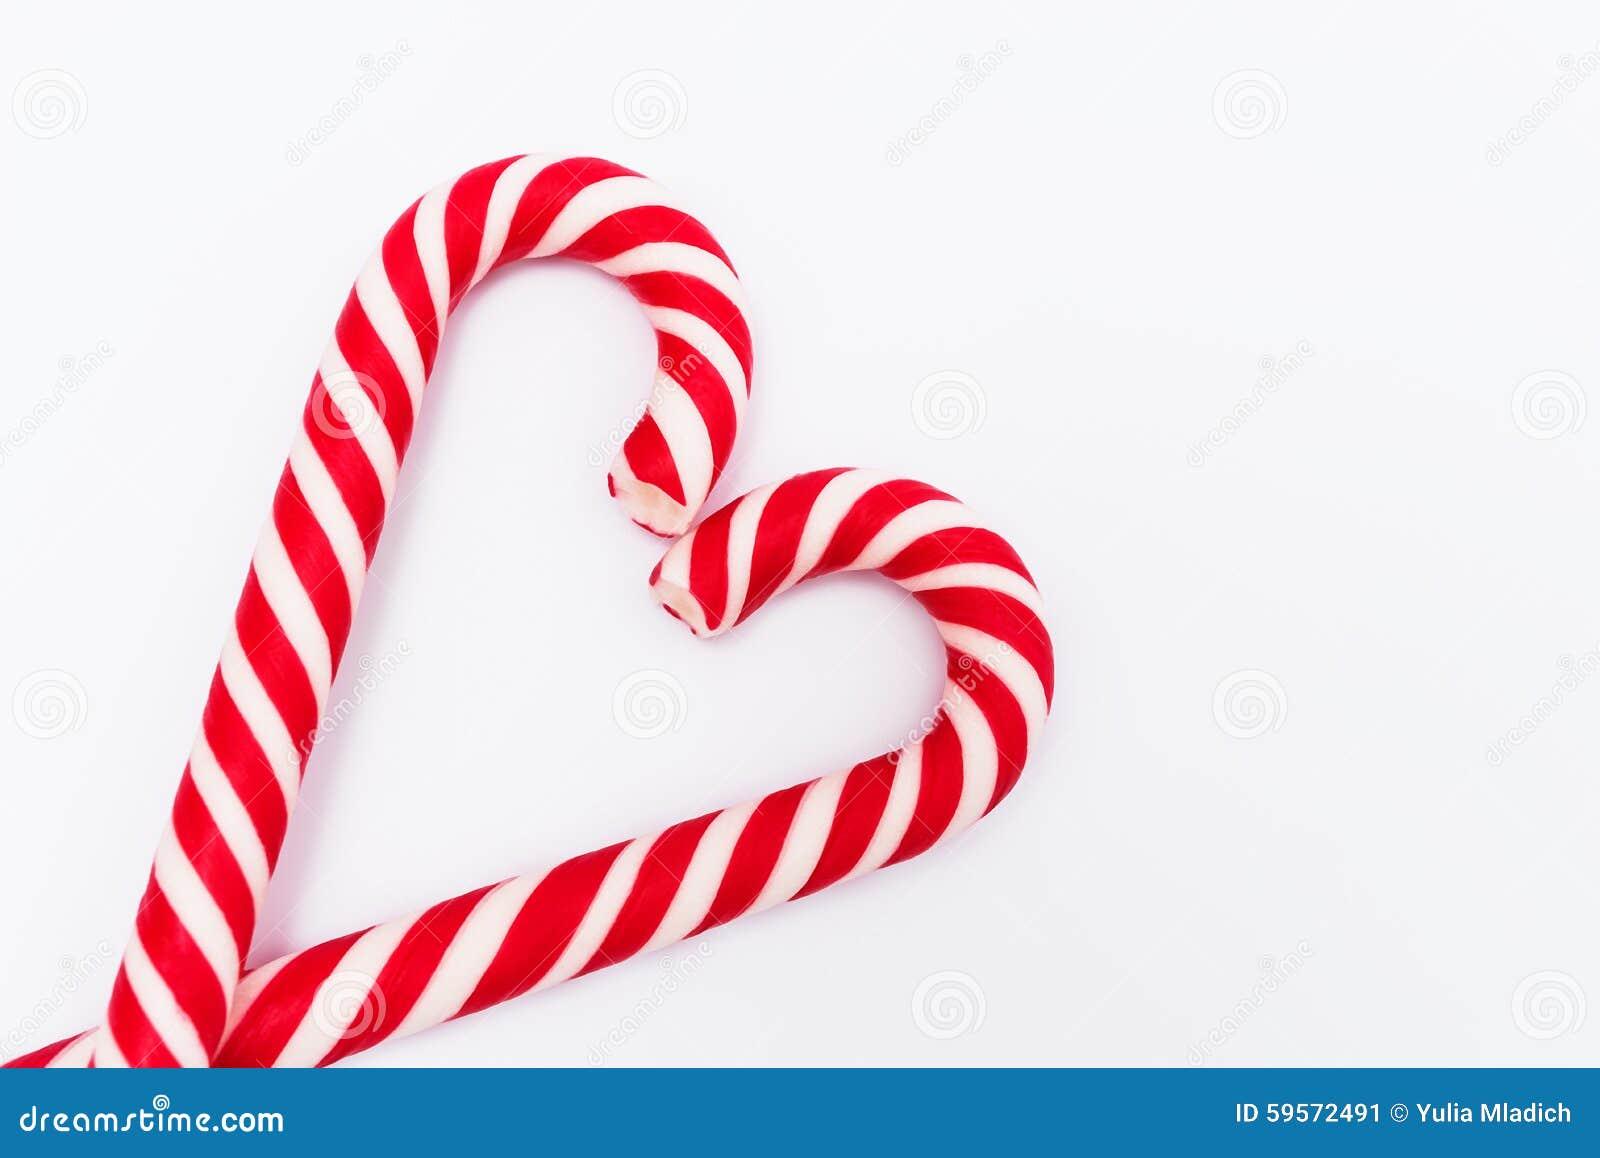 在心脏形状的红白的棒棒糖在白色背景的.图片